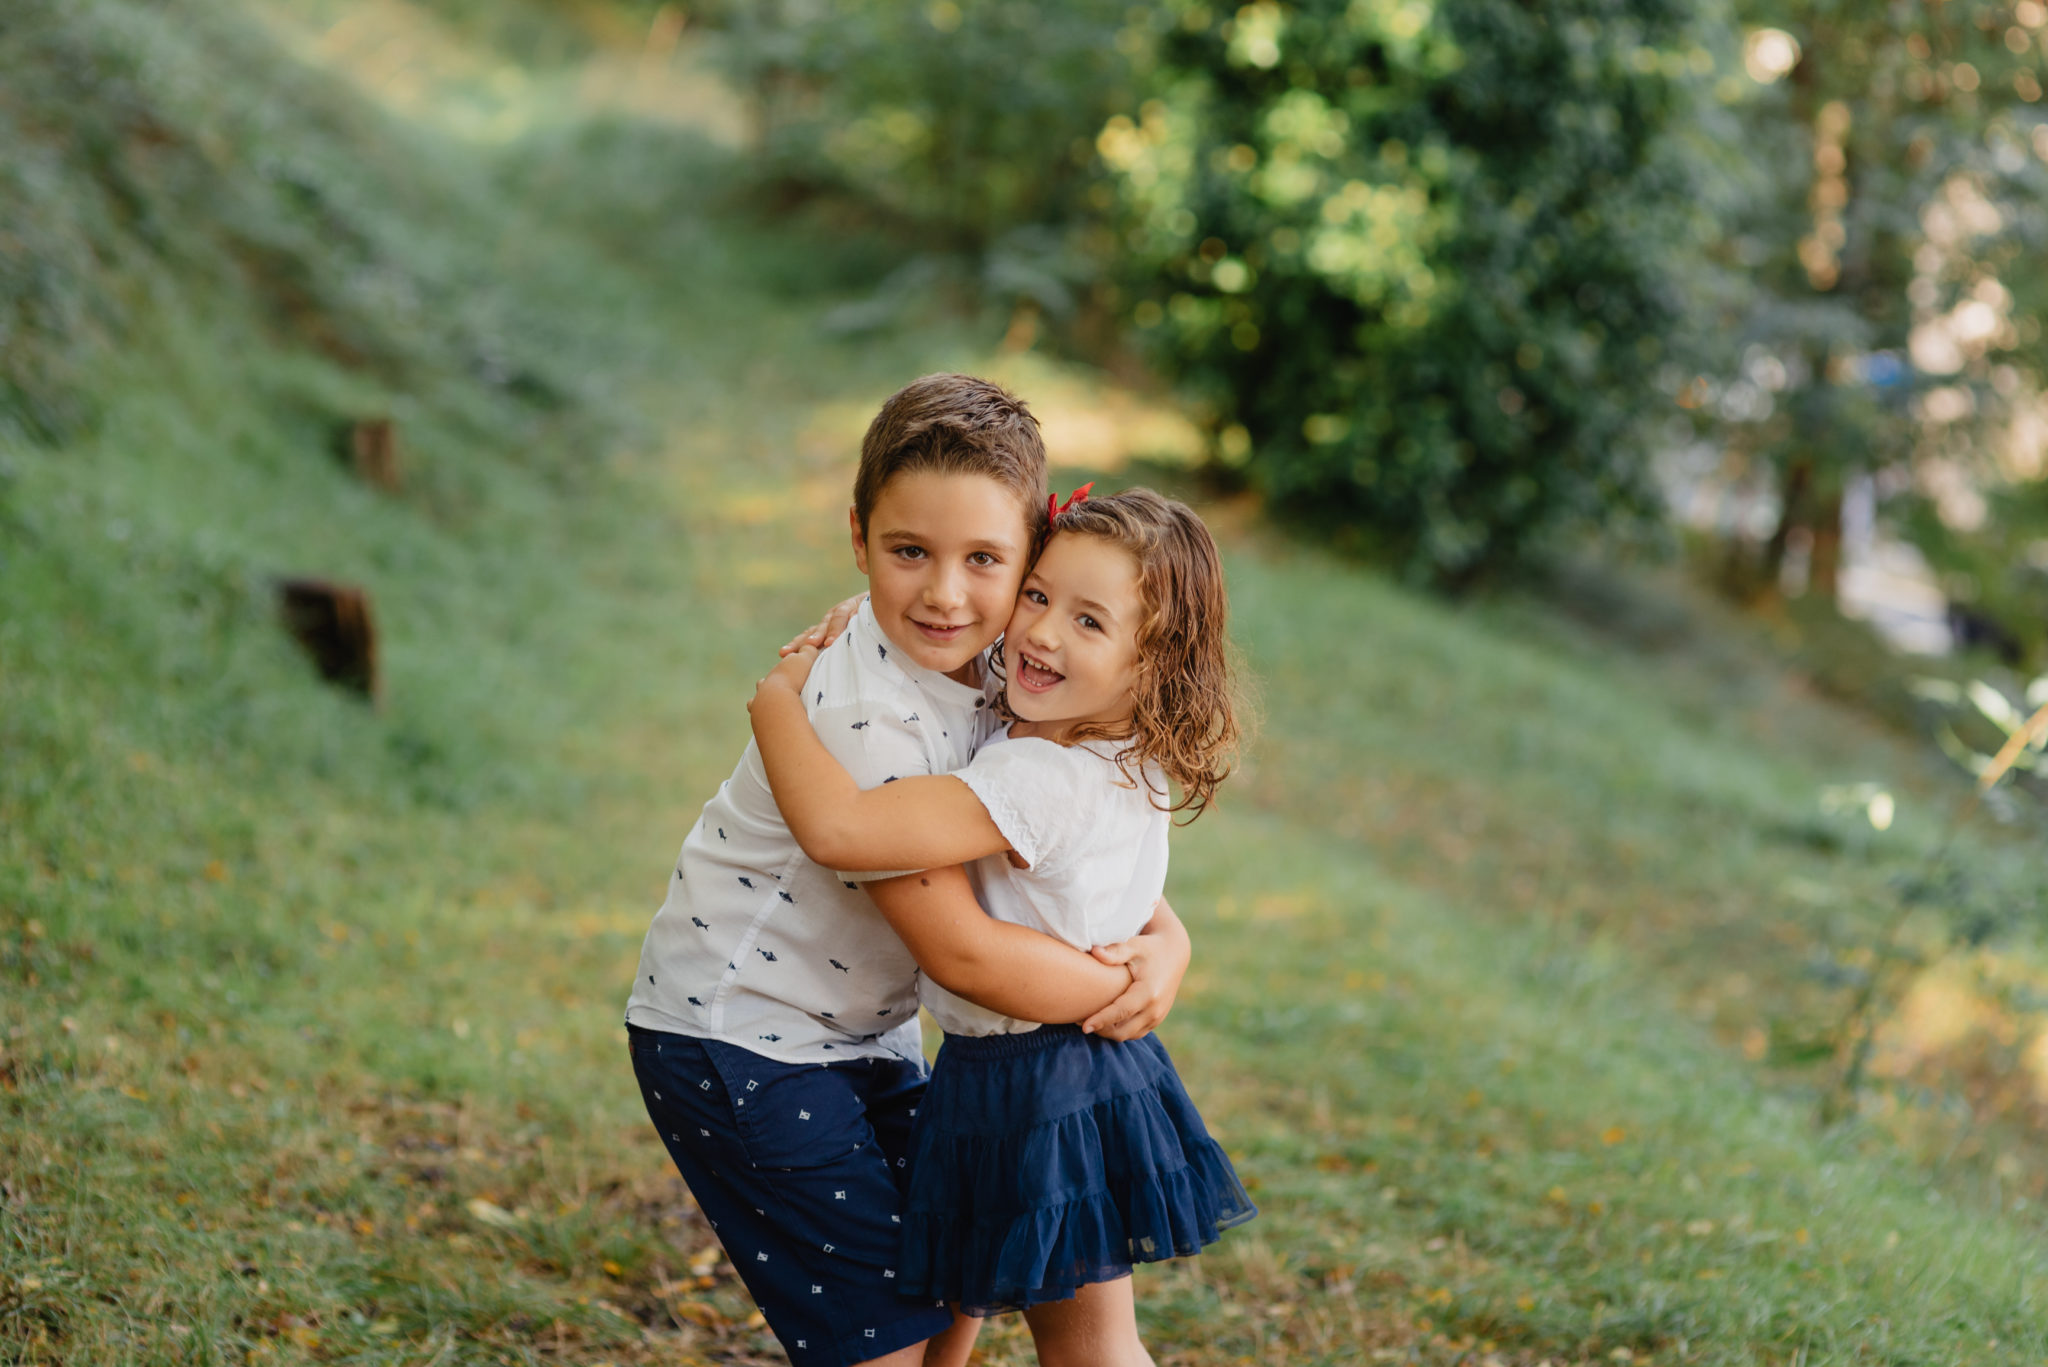 sesion-fotos-bebé-niños-fotografo-reportaje-donosti-gipuzkoa-san-sebastian-zestoa